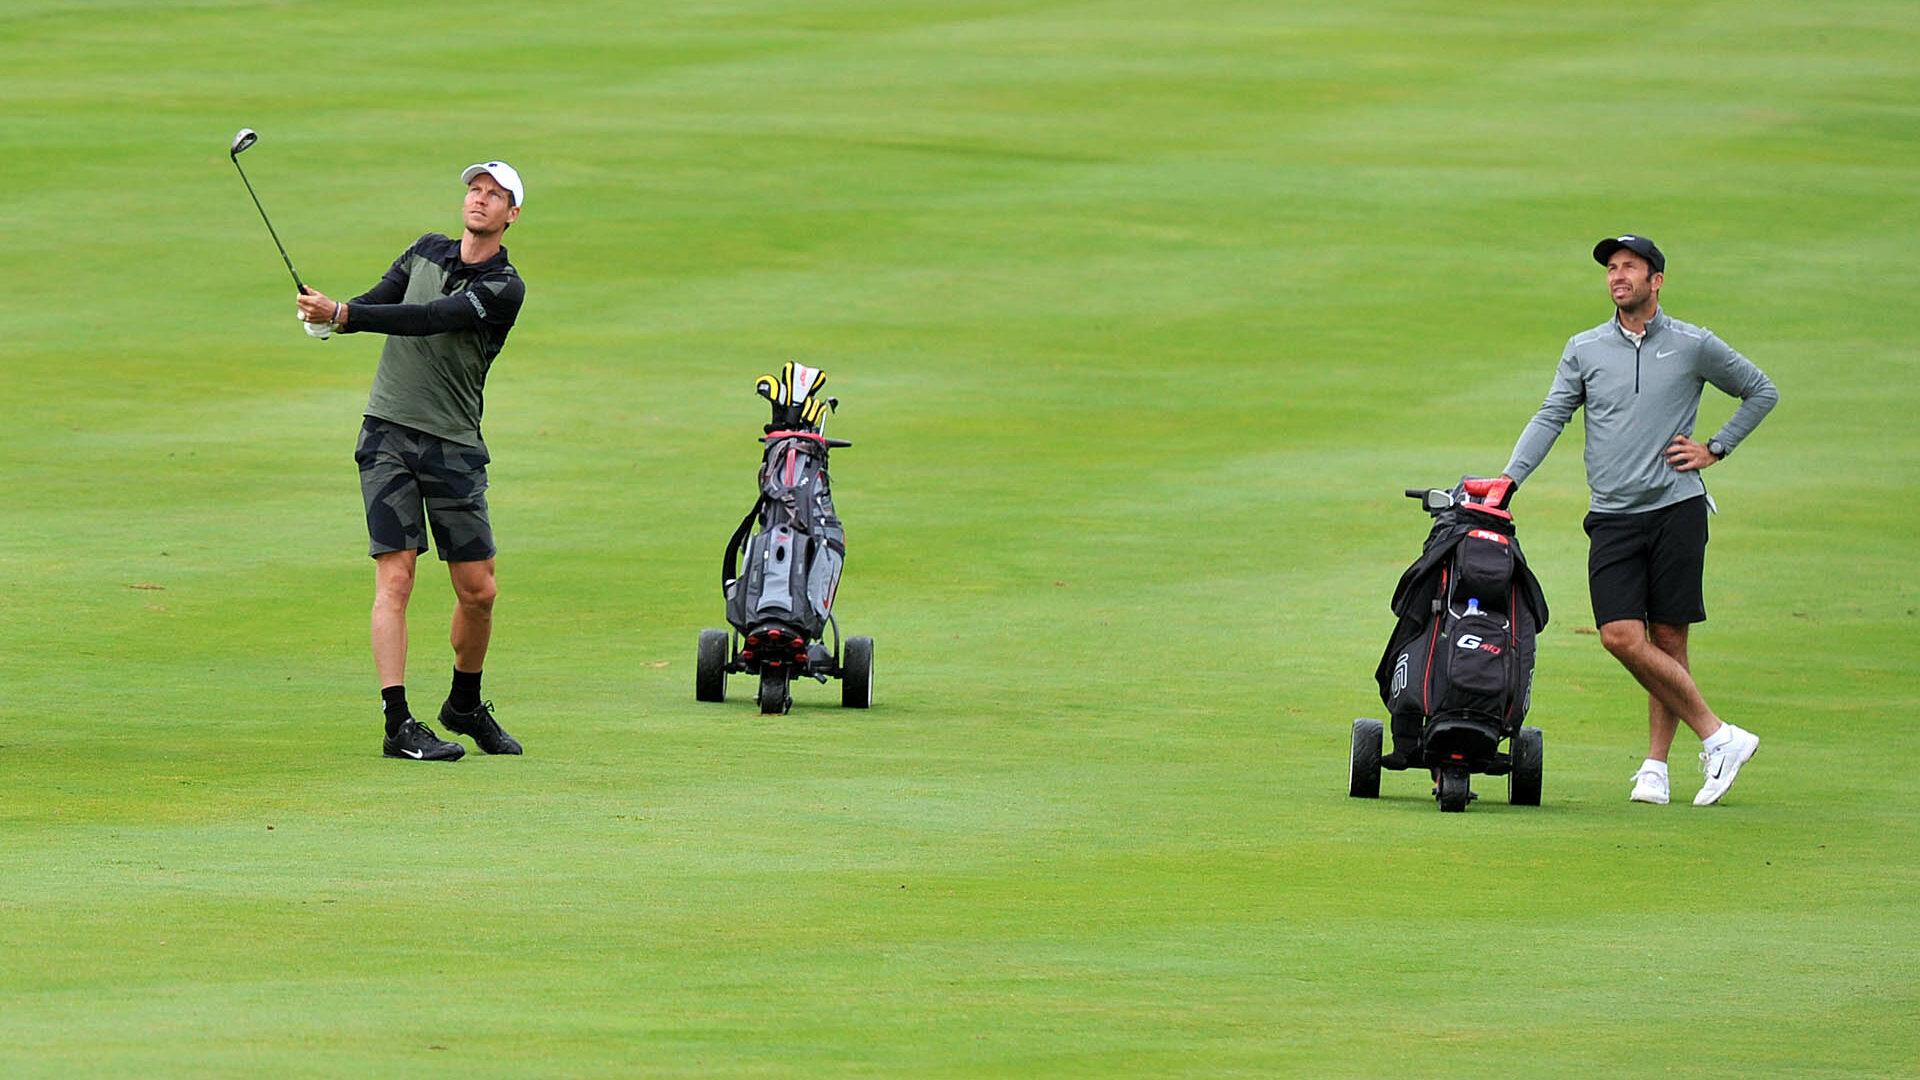 Stejný tým - jiný sport: Berdych a Štepánek na Golf Resortu Karlštejn